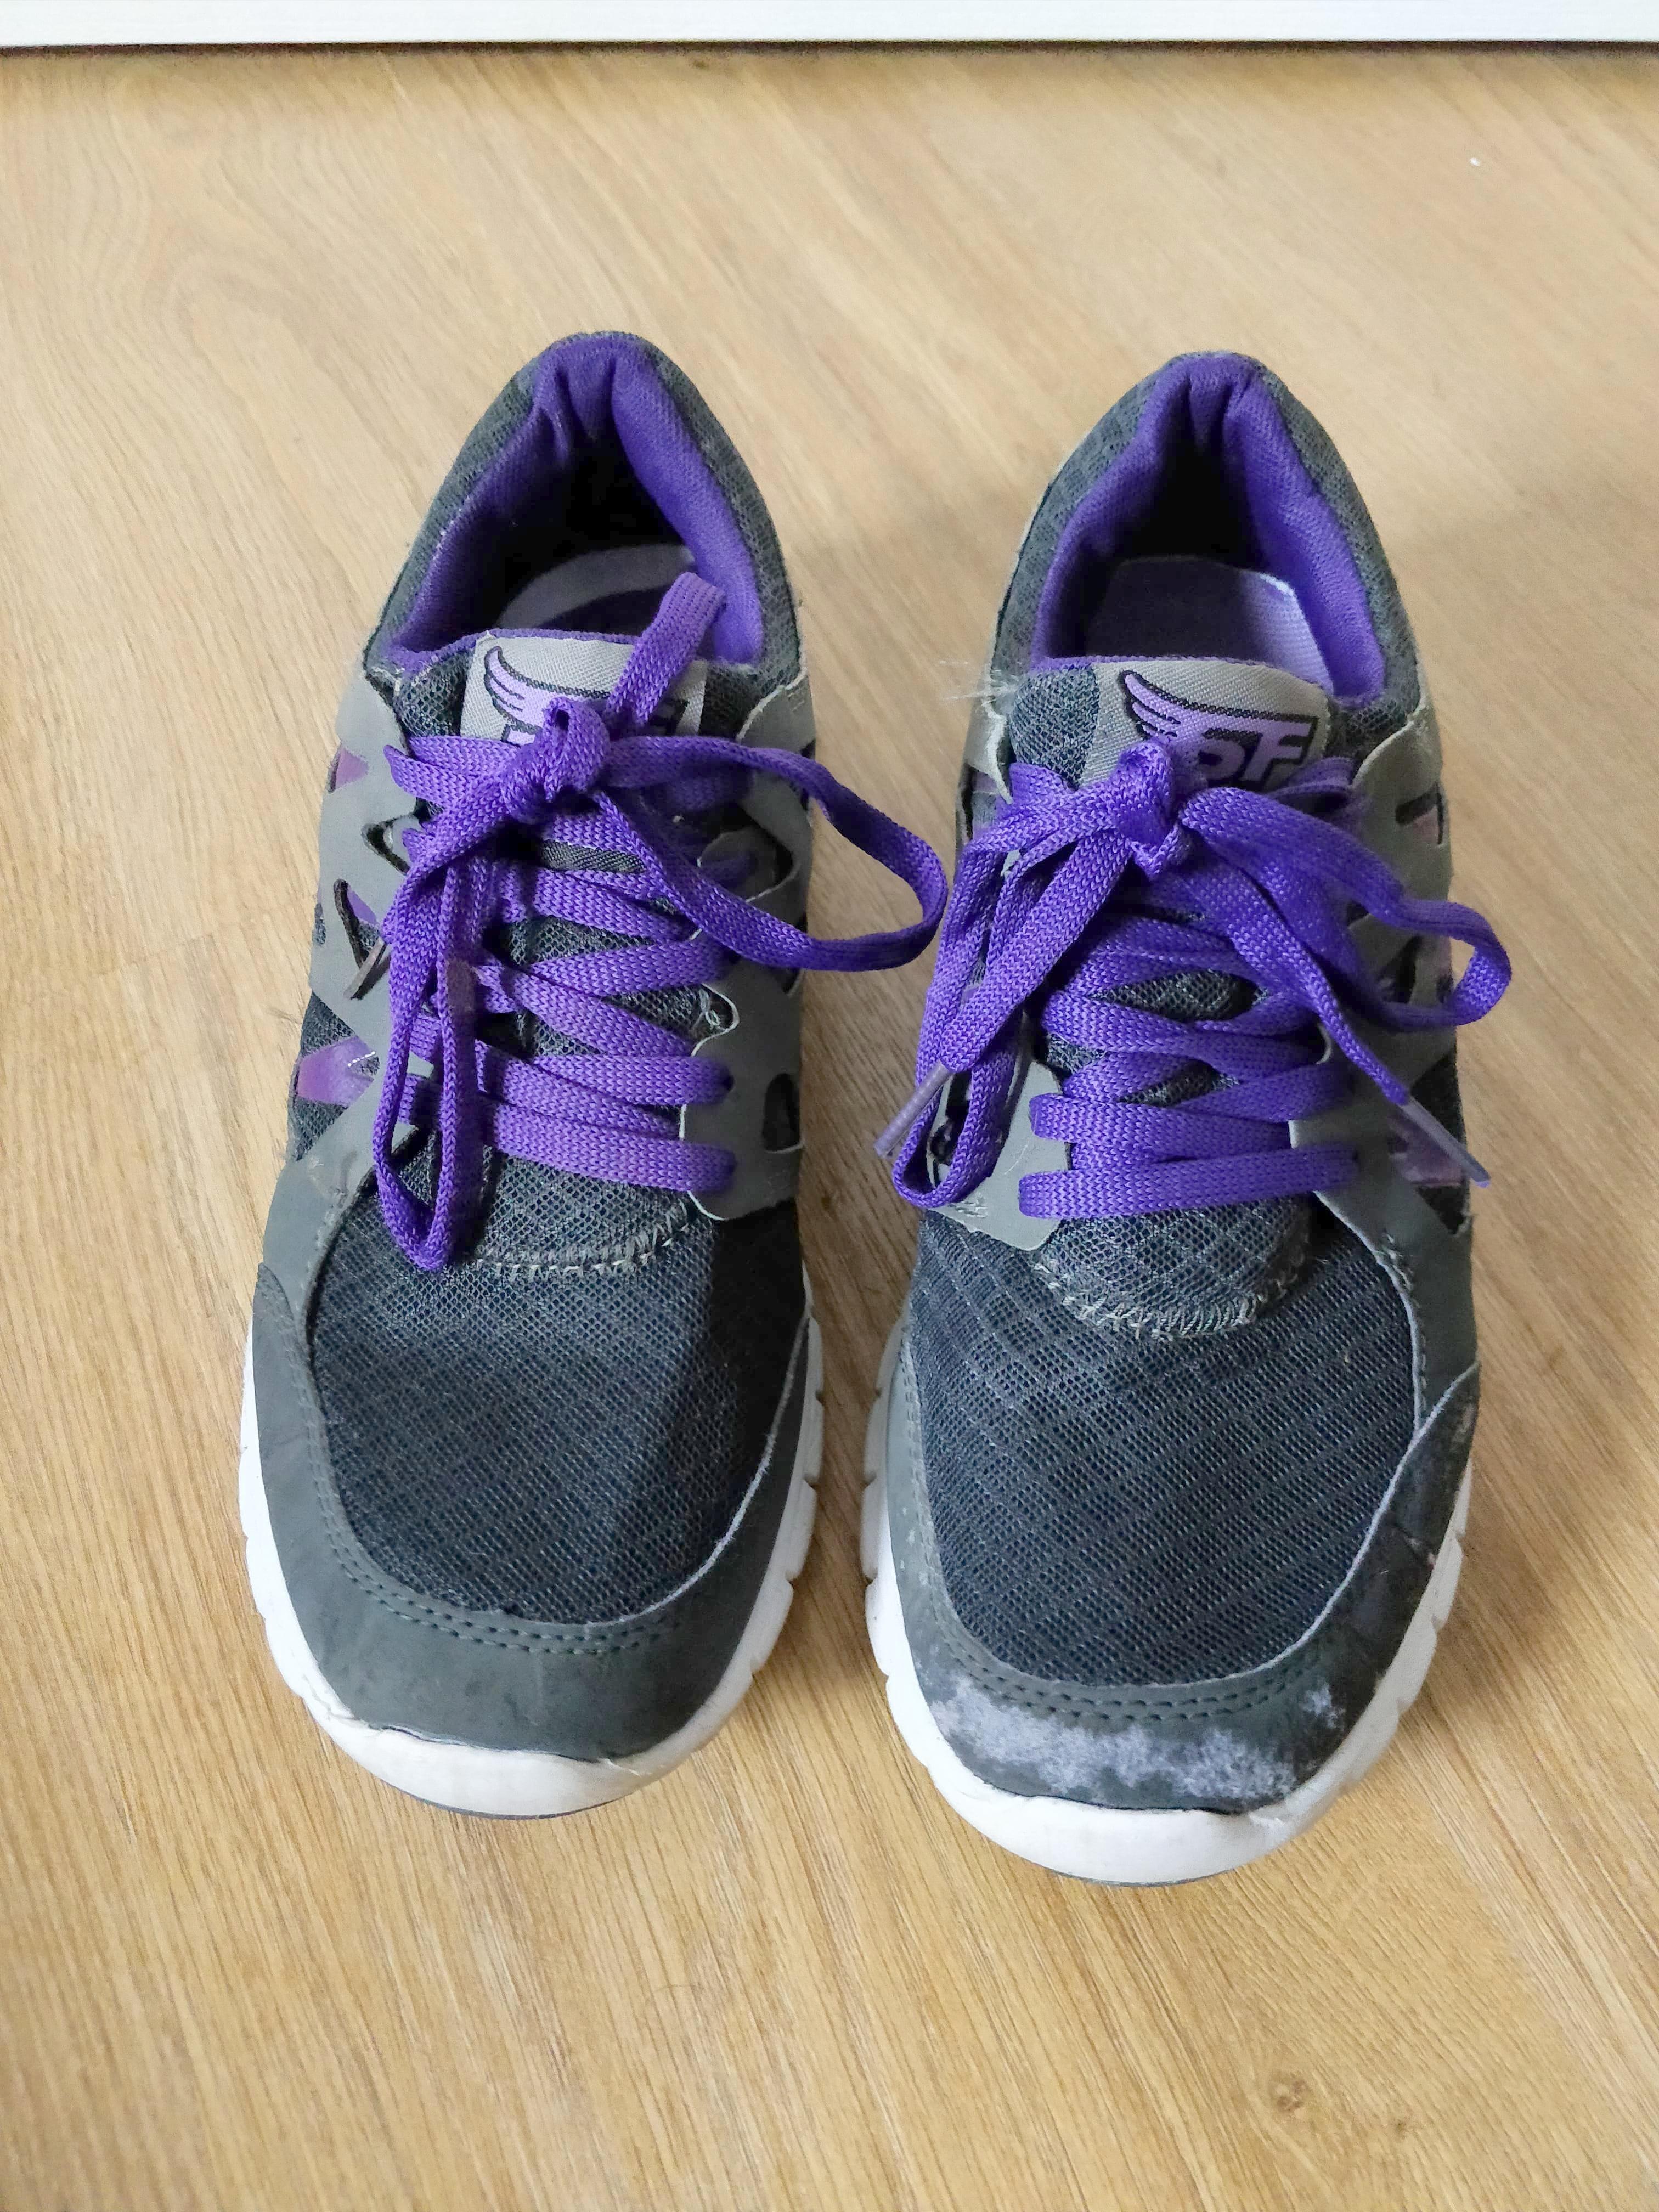 troc de troc baskets noires et violettes image 0